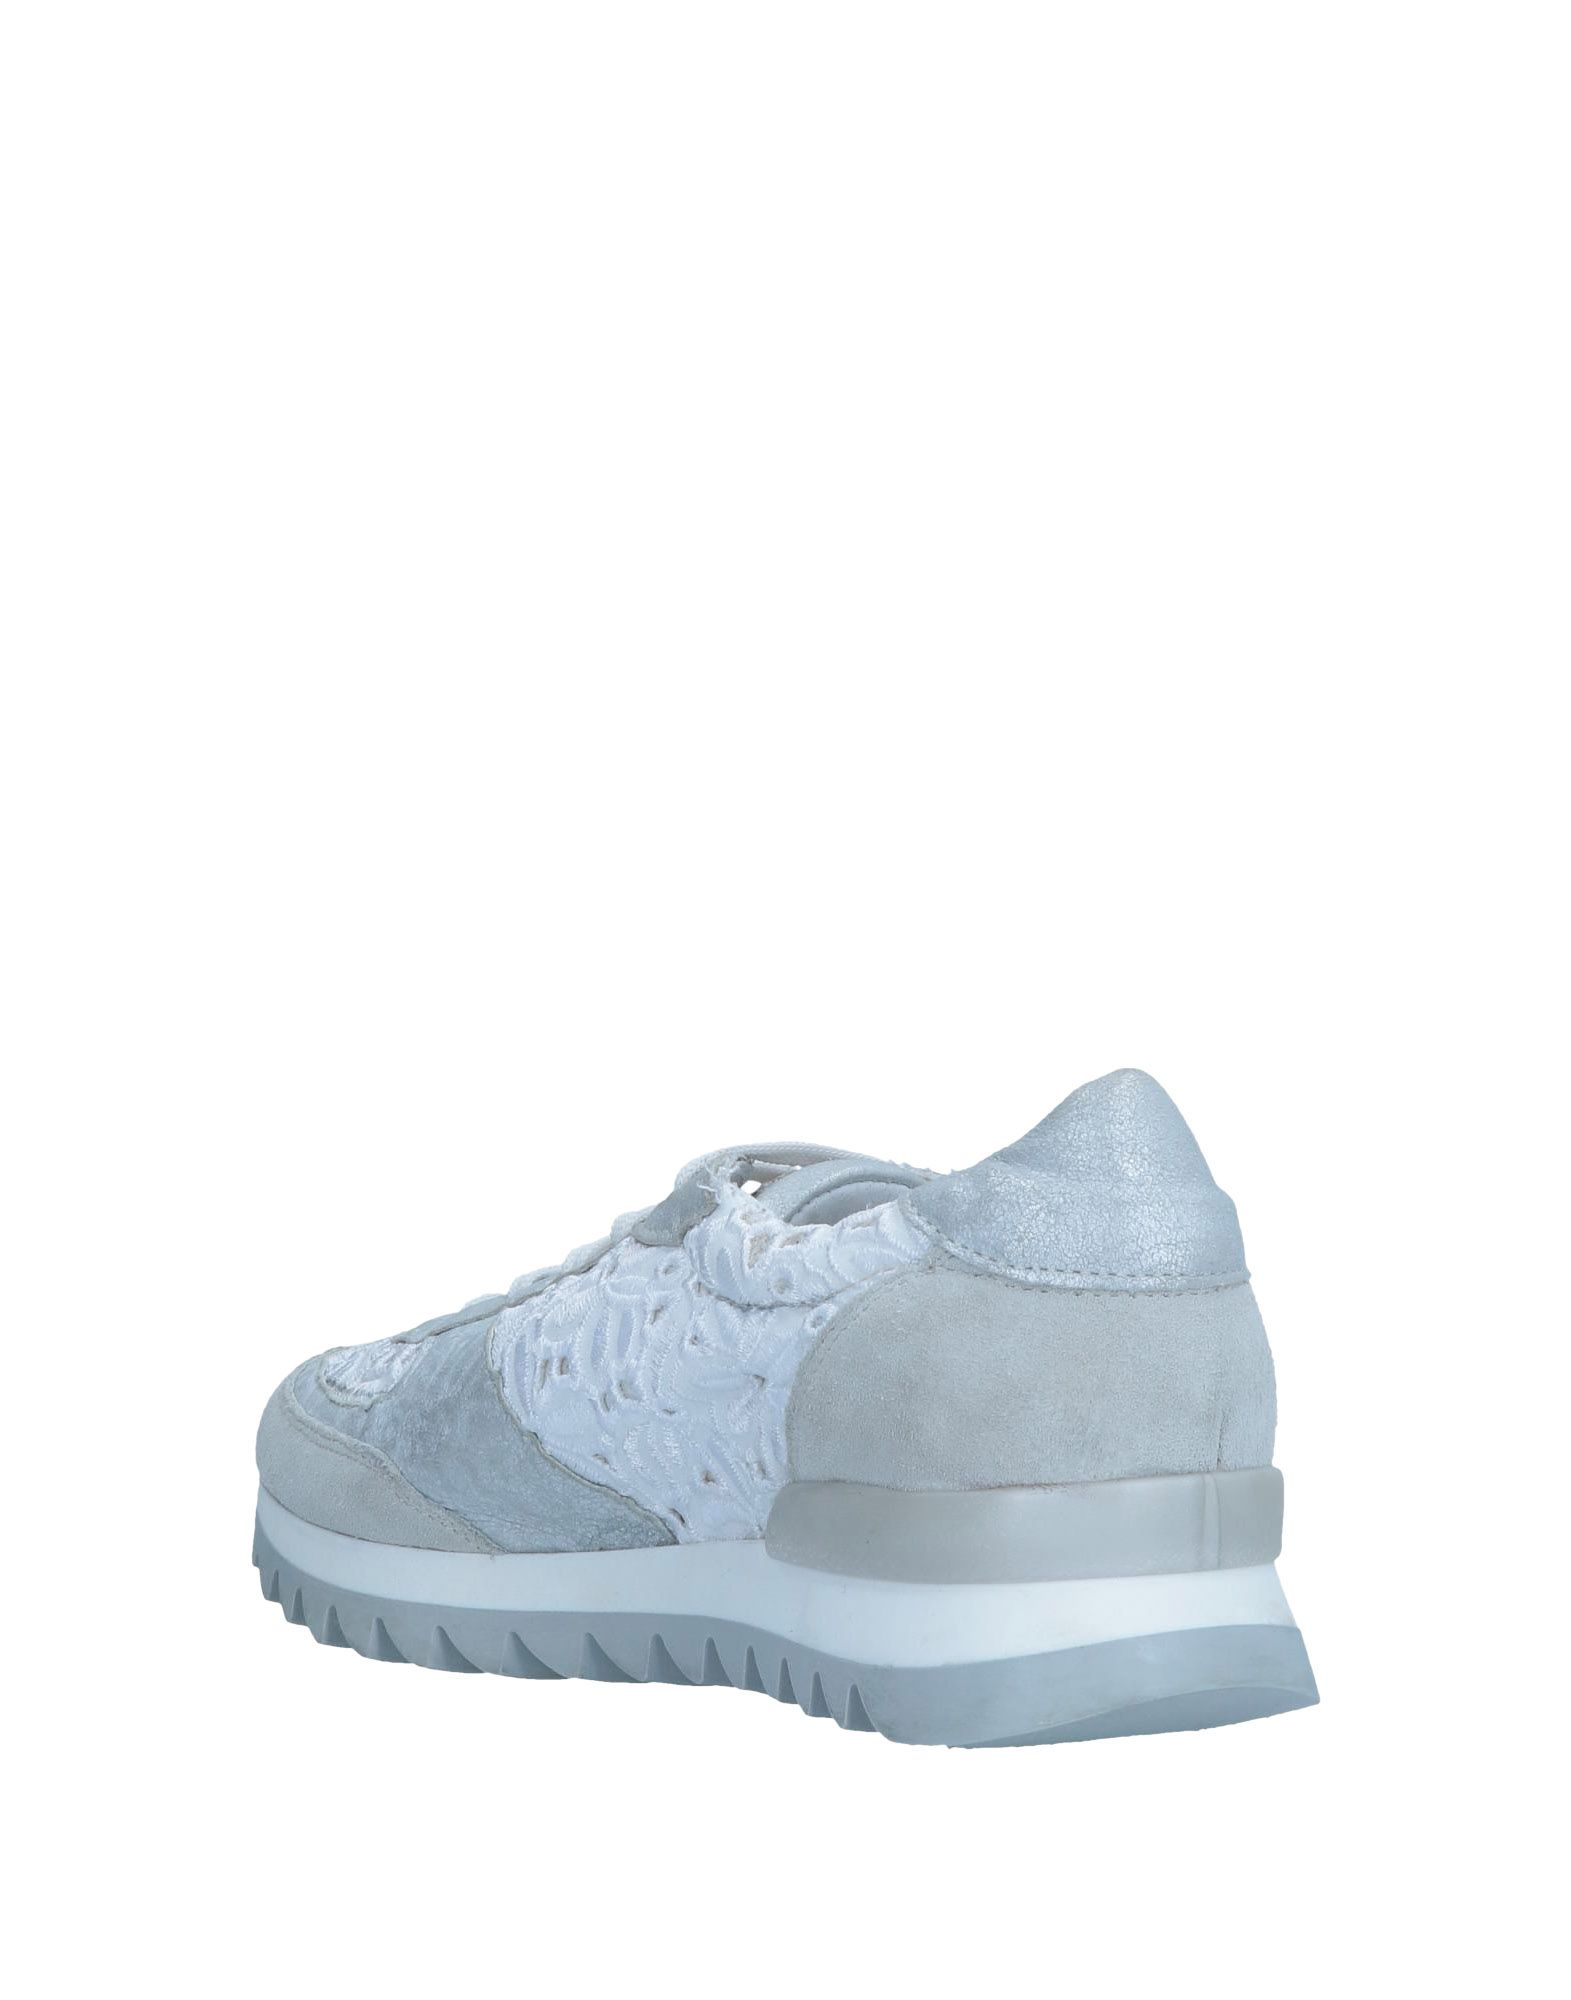 J.Ko Sneakers Damen Qualität  11546123ER Gute Qualität Damen beliebte Schuhe 31c81e